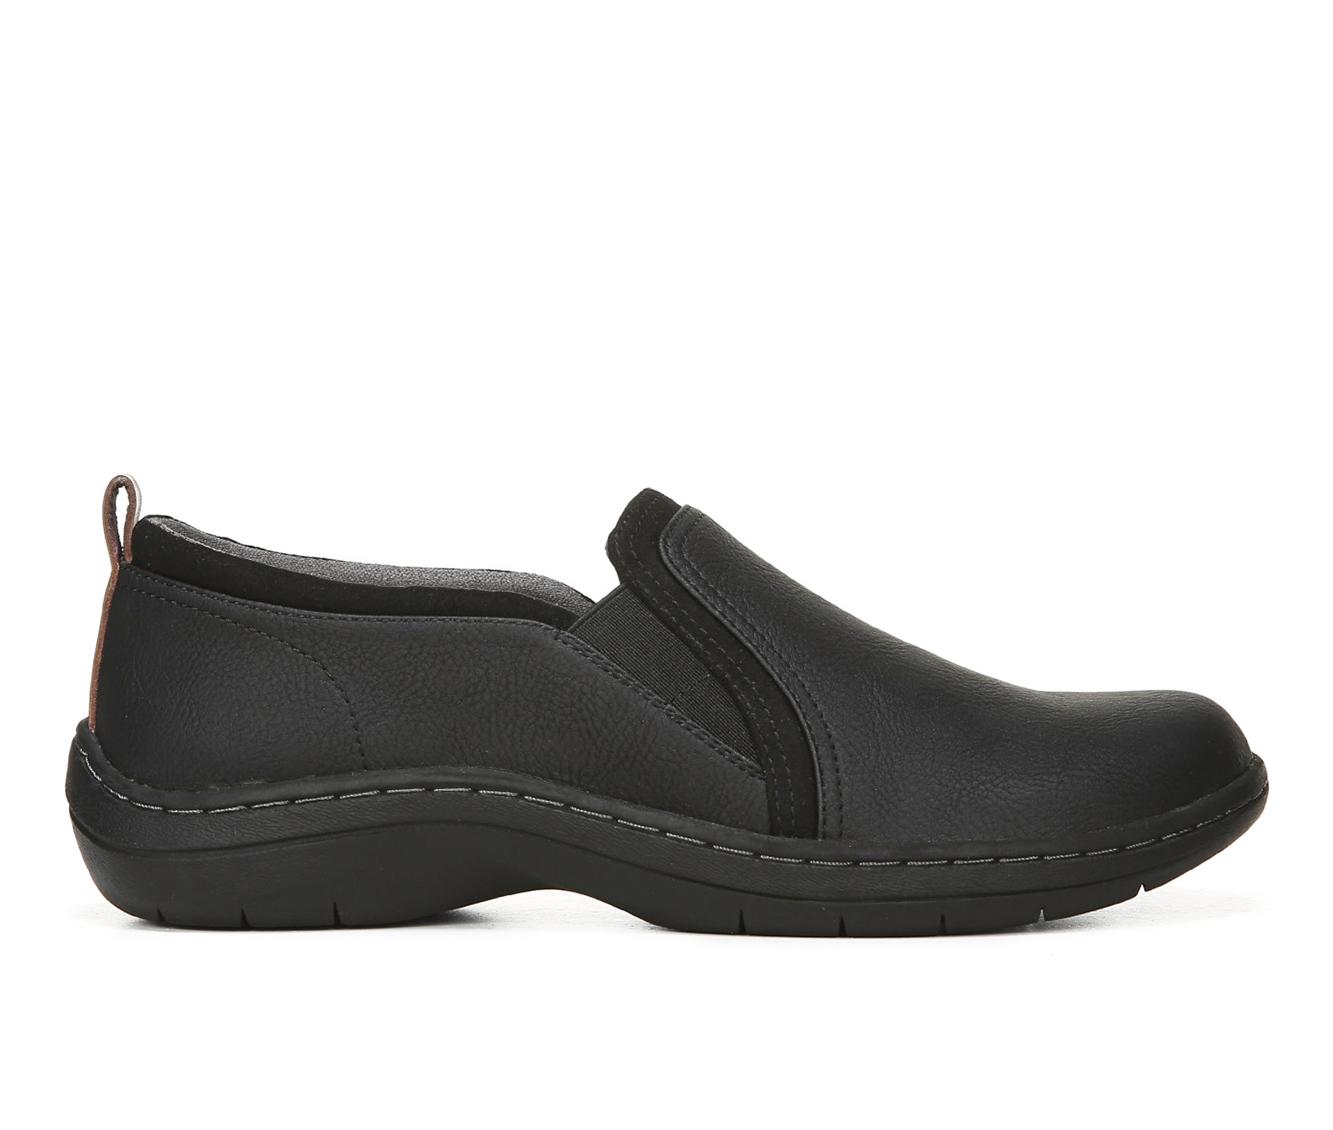 Dr. Scholls Janelle Women's Shoe (Black Faux Leather)